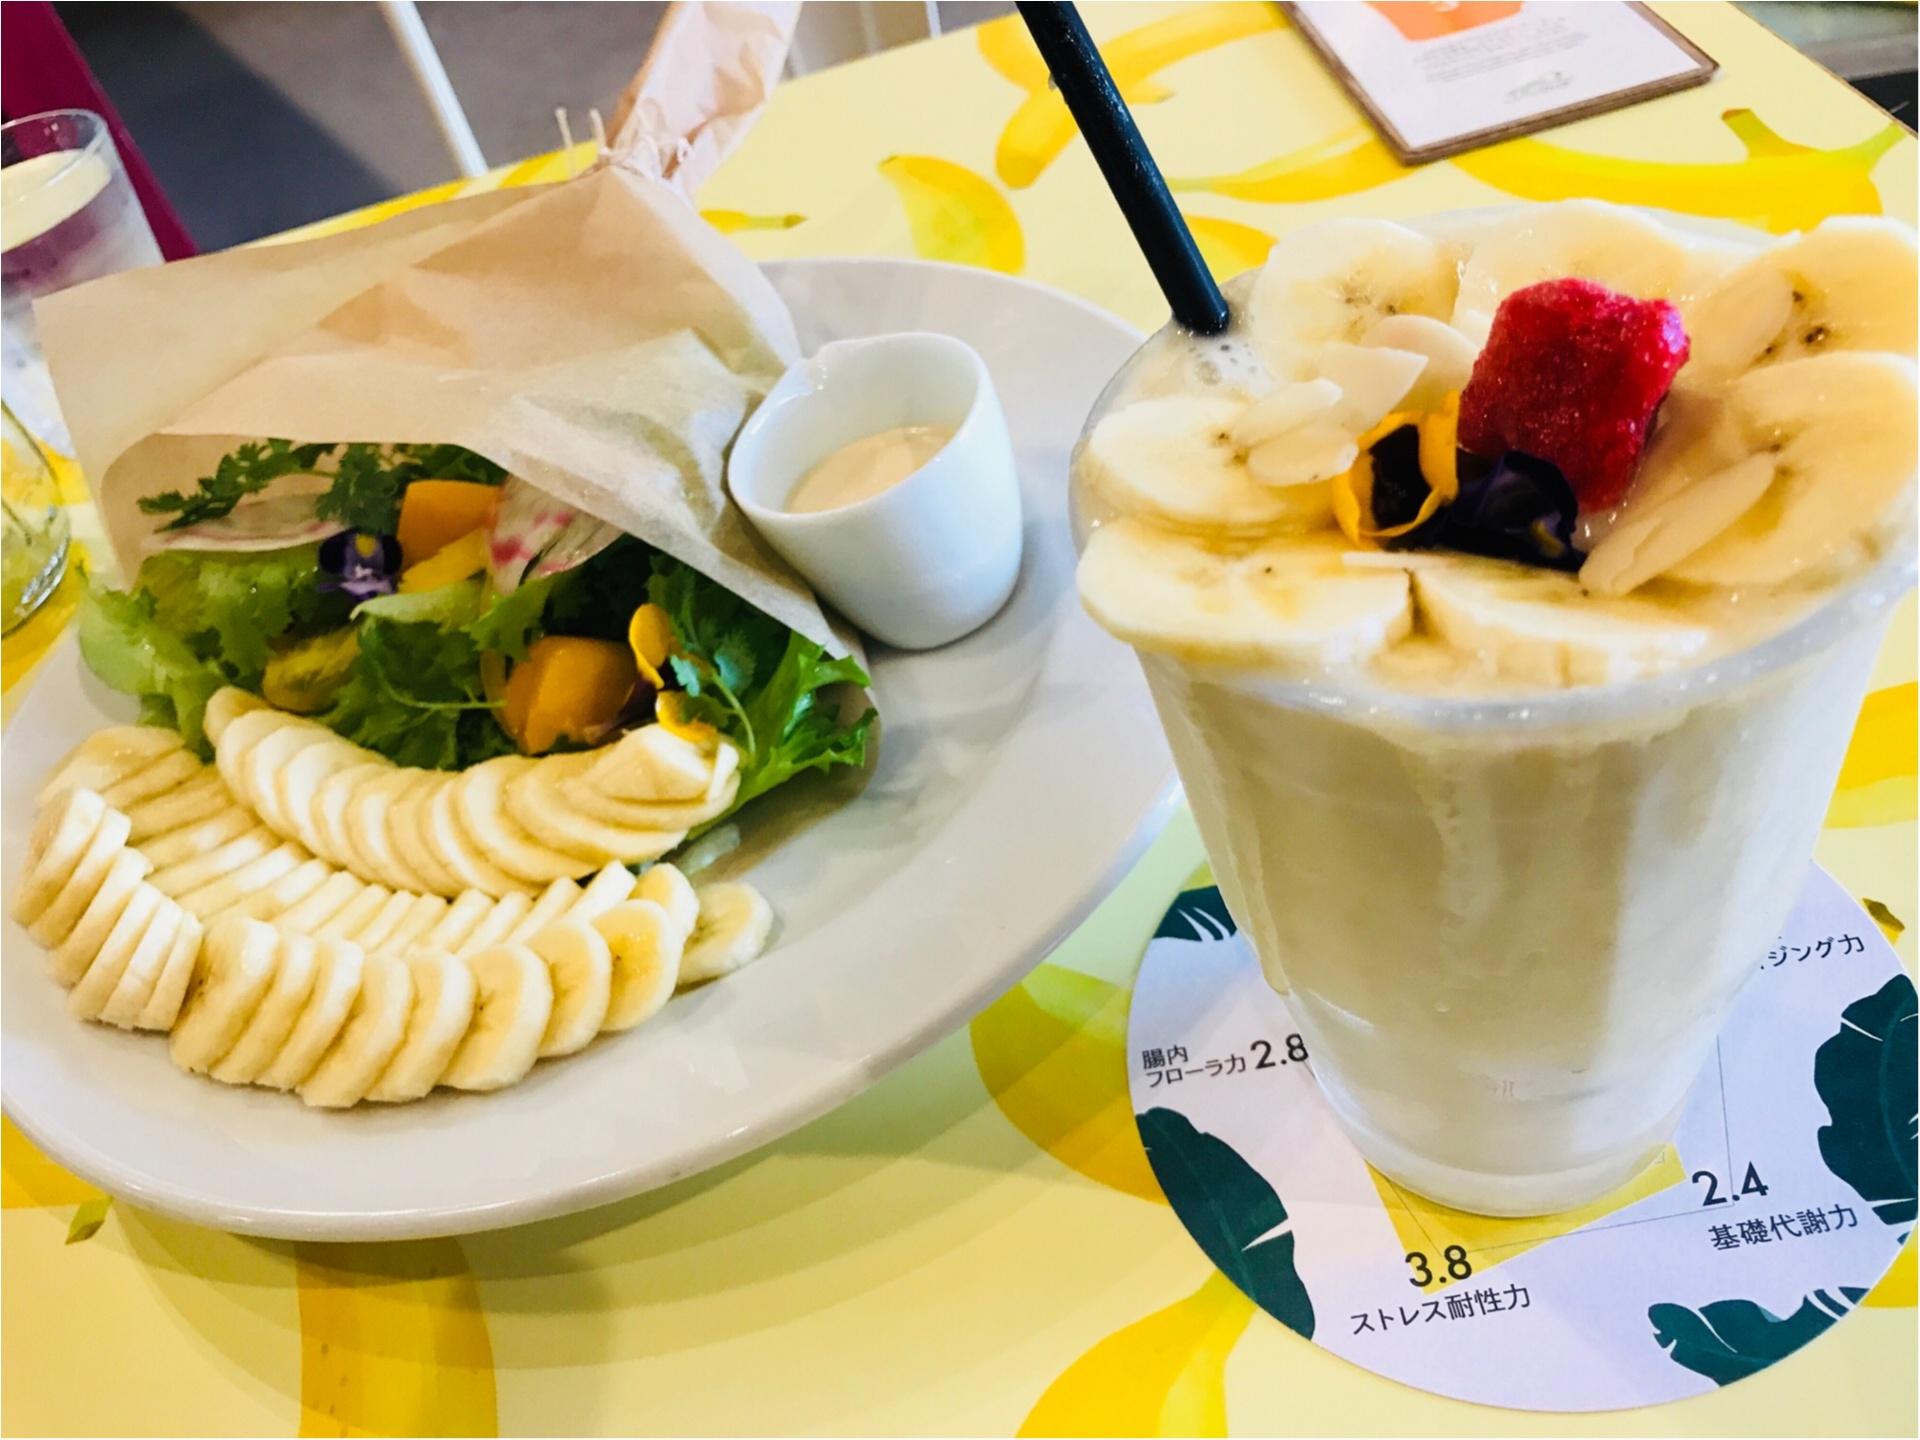 4日限定オープン!【バナナビューティーカロリーカフェ】がバナナづくしだった♡_3